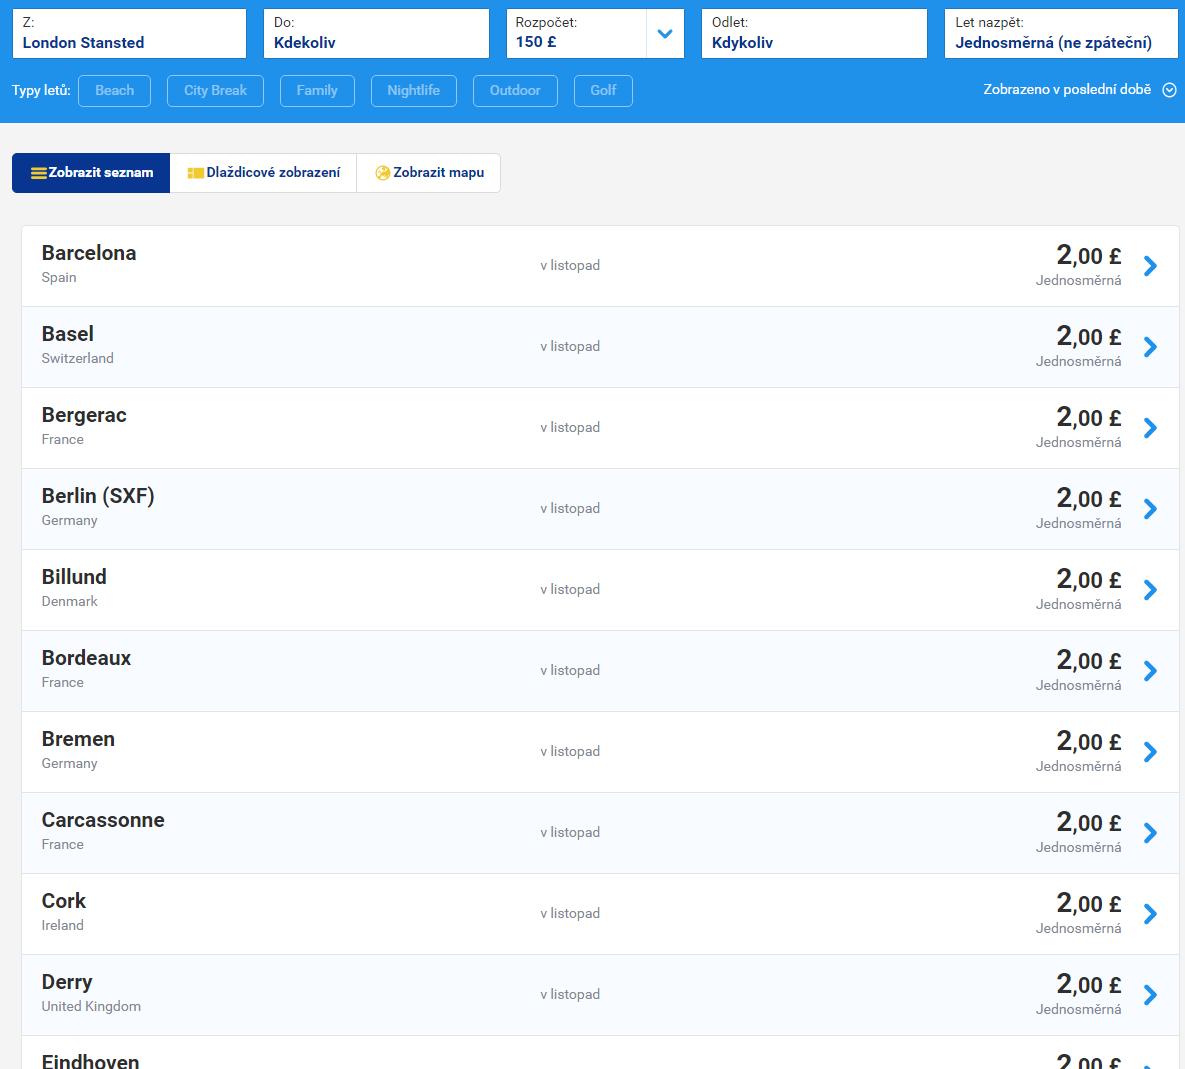 1ee0f45735e0e VÝPREDAJ! Letenky spoločnosti Ryanair už od 2€! - LETENKY ZA BABKU